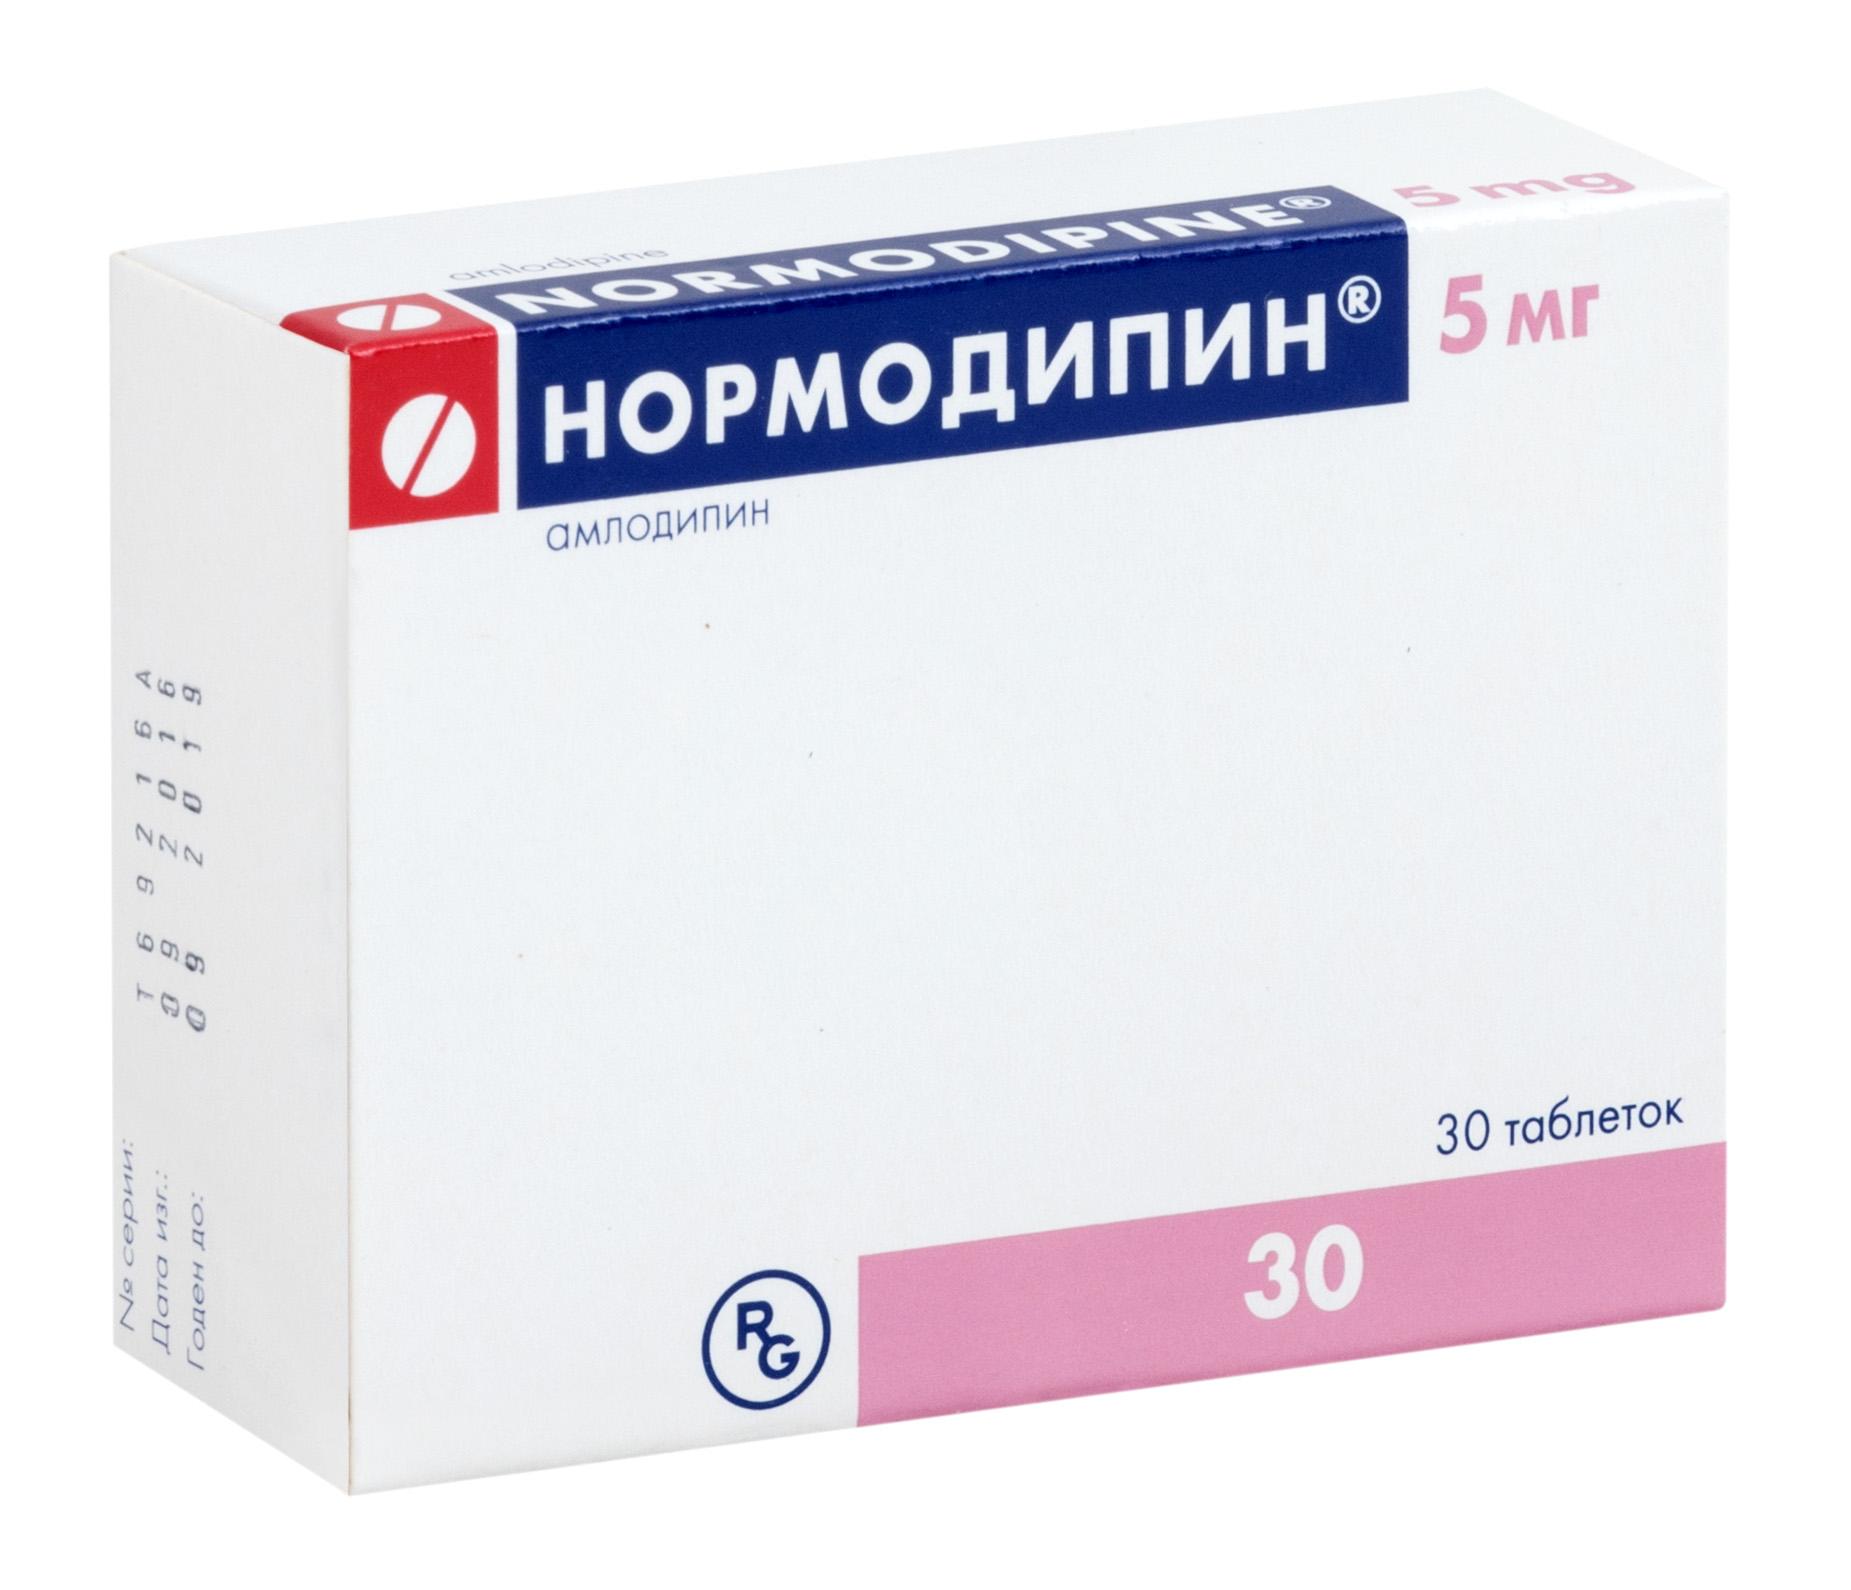 Нормодипин таб. 5мг n30